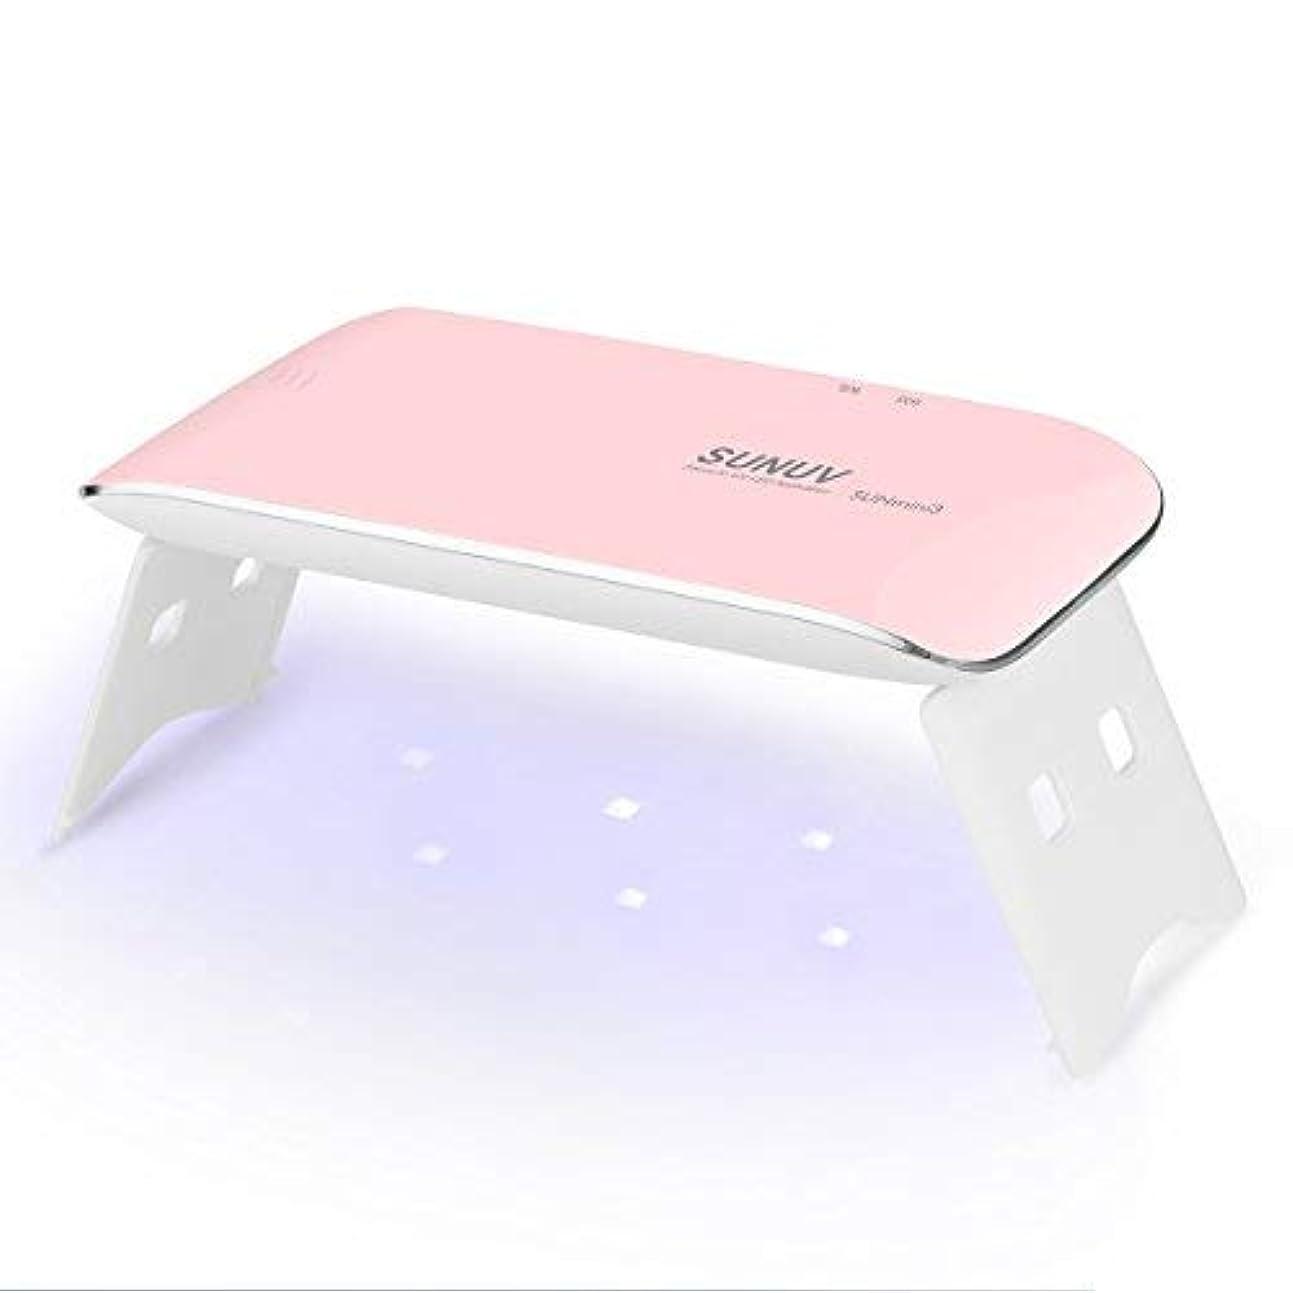 案件メディック伝導率SUNUV UV ライト レジン用 ネイルドライヤー mini ミニ ジェルネイルライト 日本語説明書 ネイルライト 6W 初心者 電池 USB給電 2倍の長寿命 カワイイ 携帯式 一年保証期間